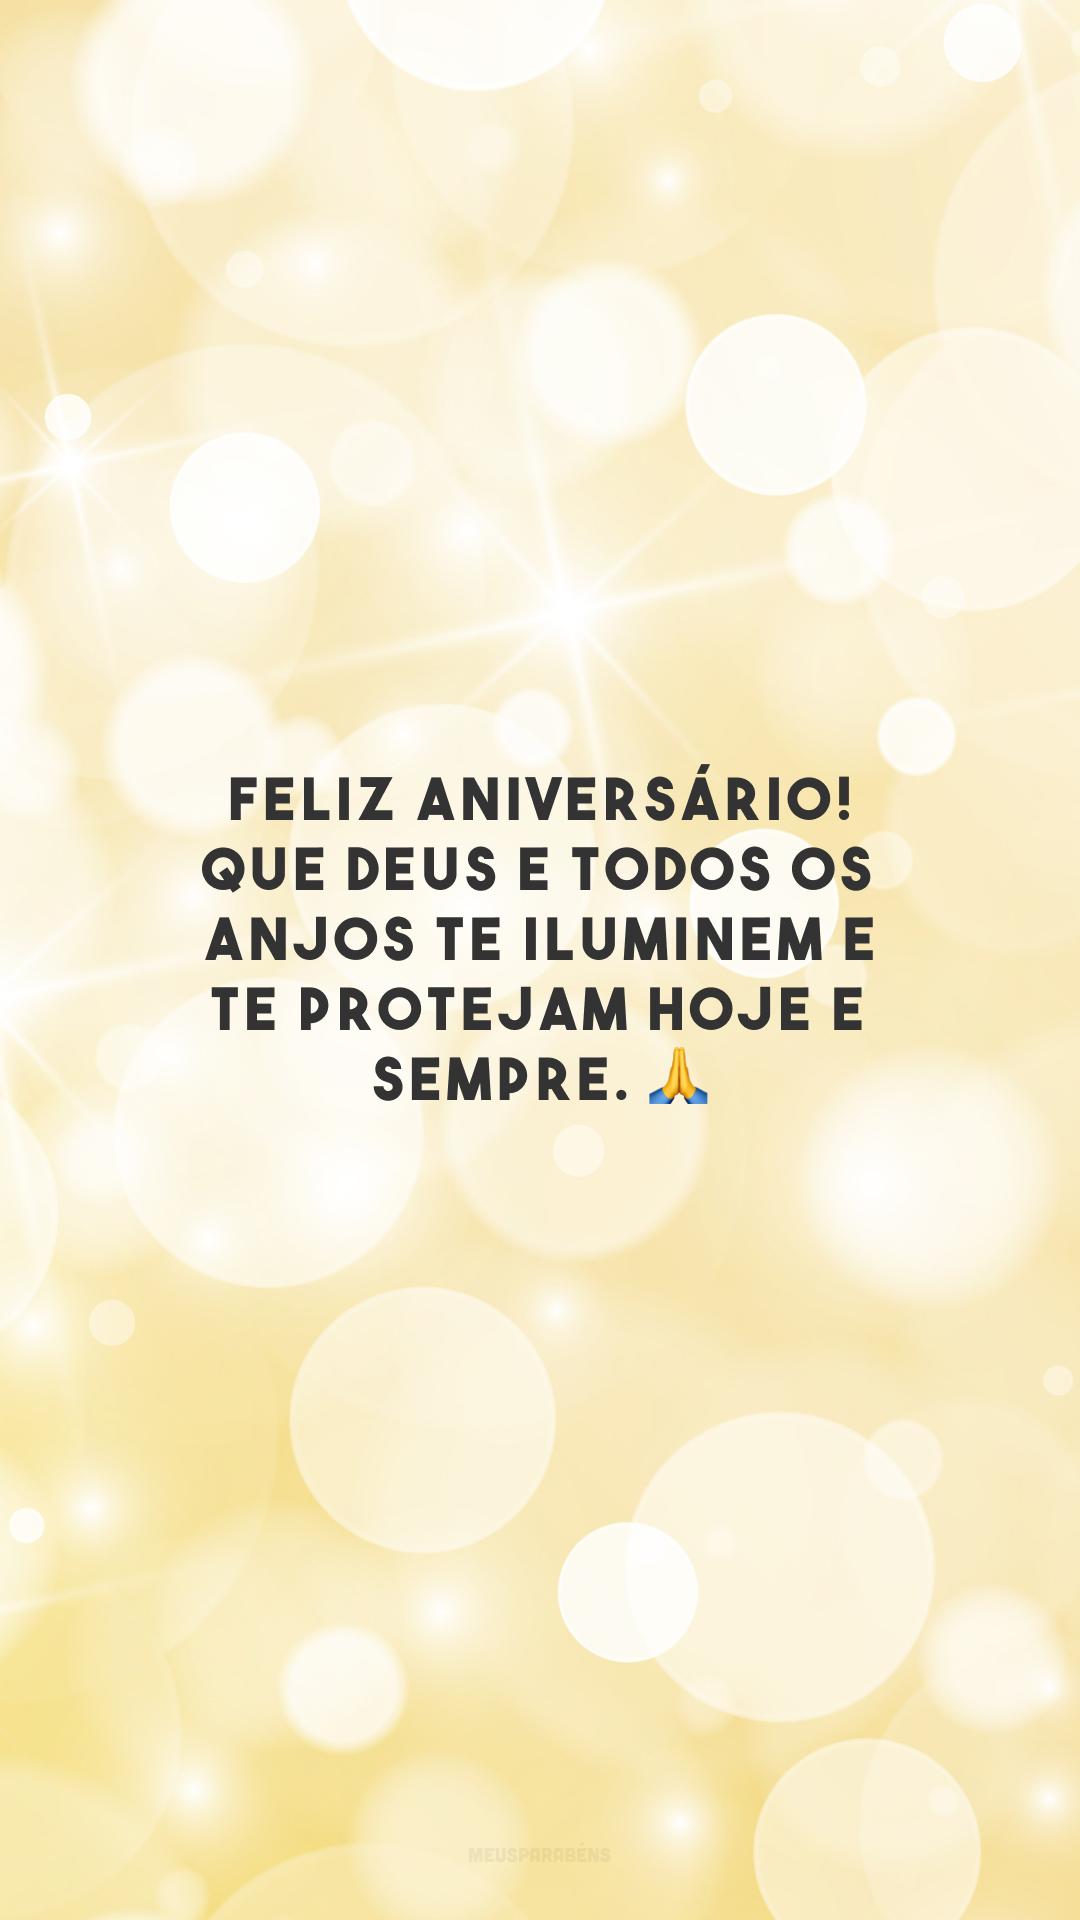 Feliz aniversário! Que Deus e todos os anjos te iluminem e te protejam hoje e sempre. 🙏